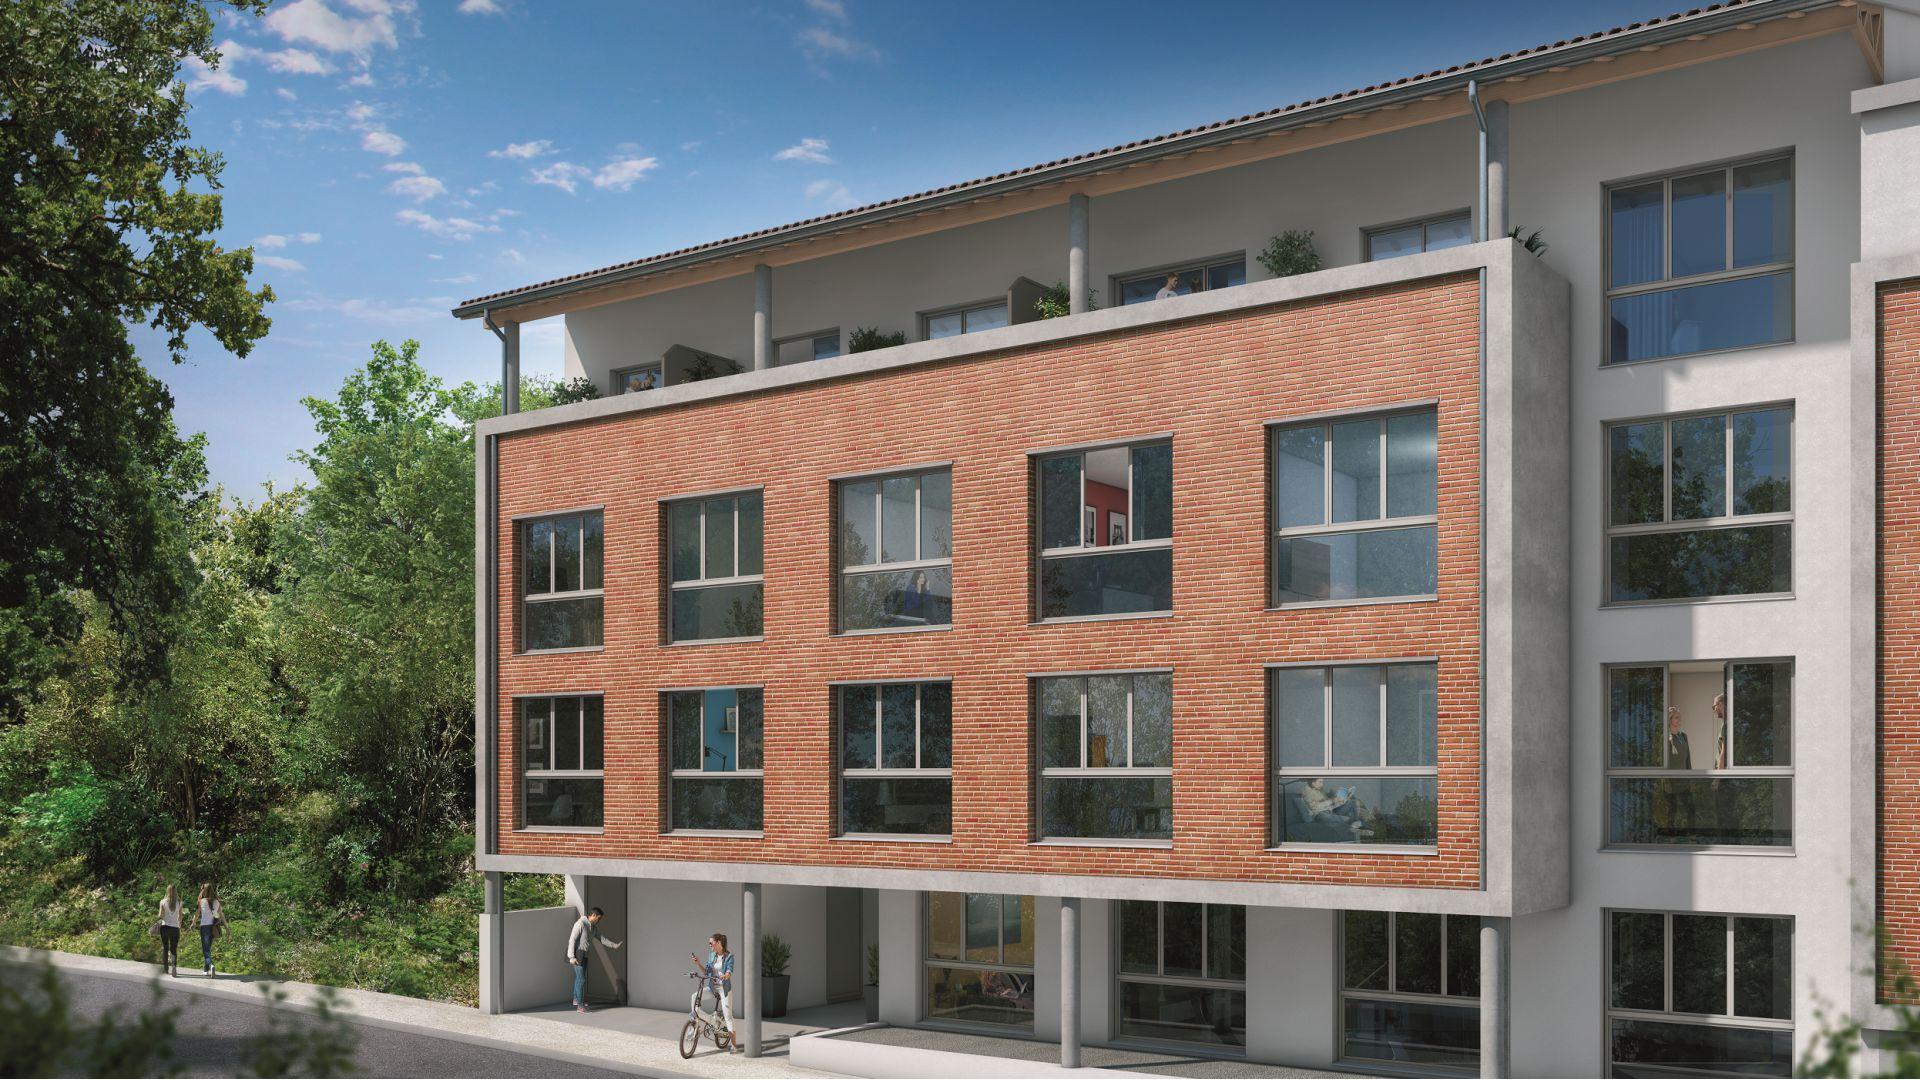 Greencity Immobilier - Résidence Le Soprano - Castanet-Tolosan 31320 - appartements neufs du T1 au T2